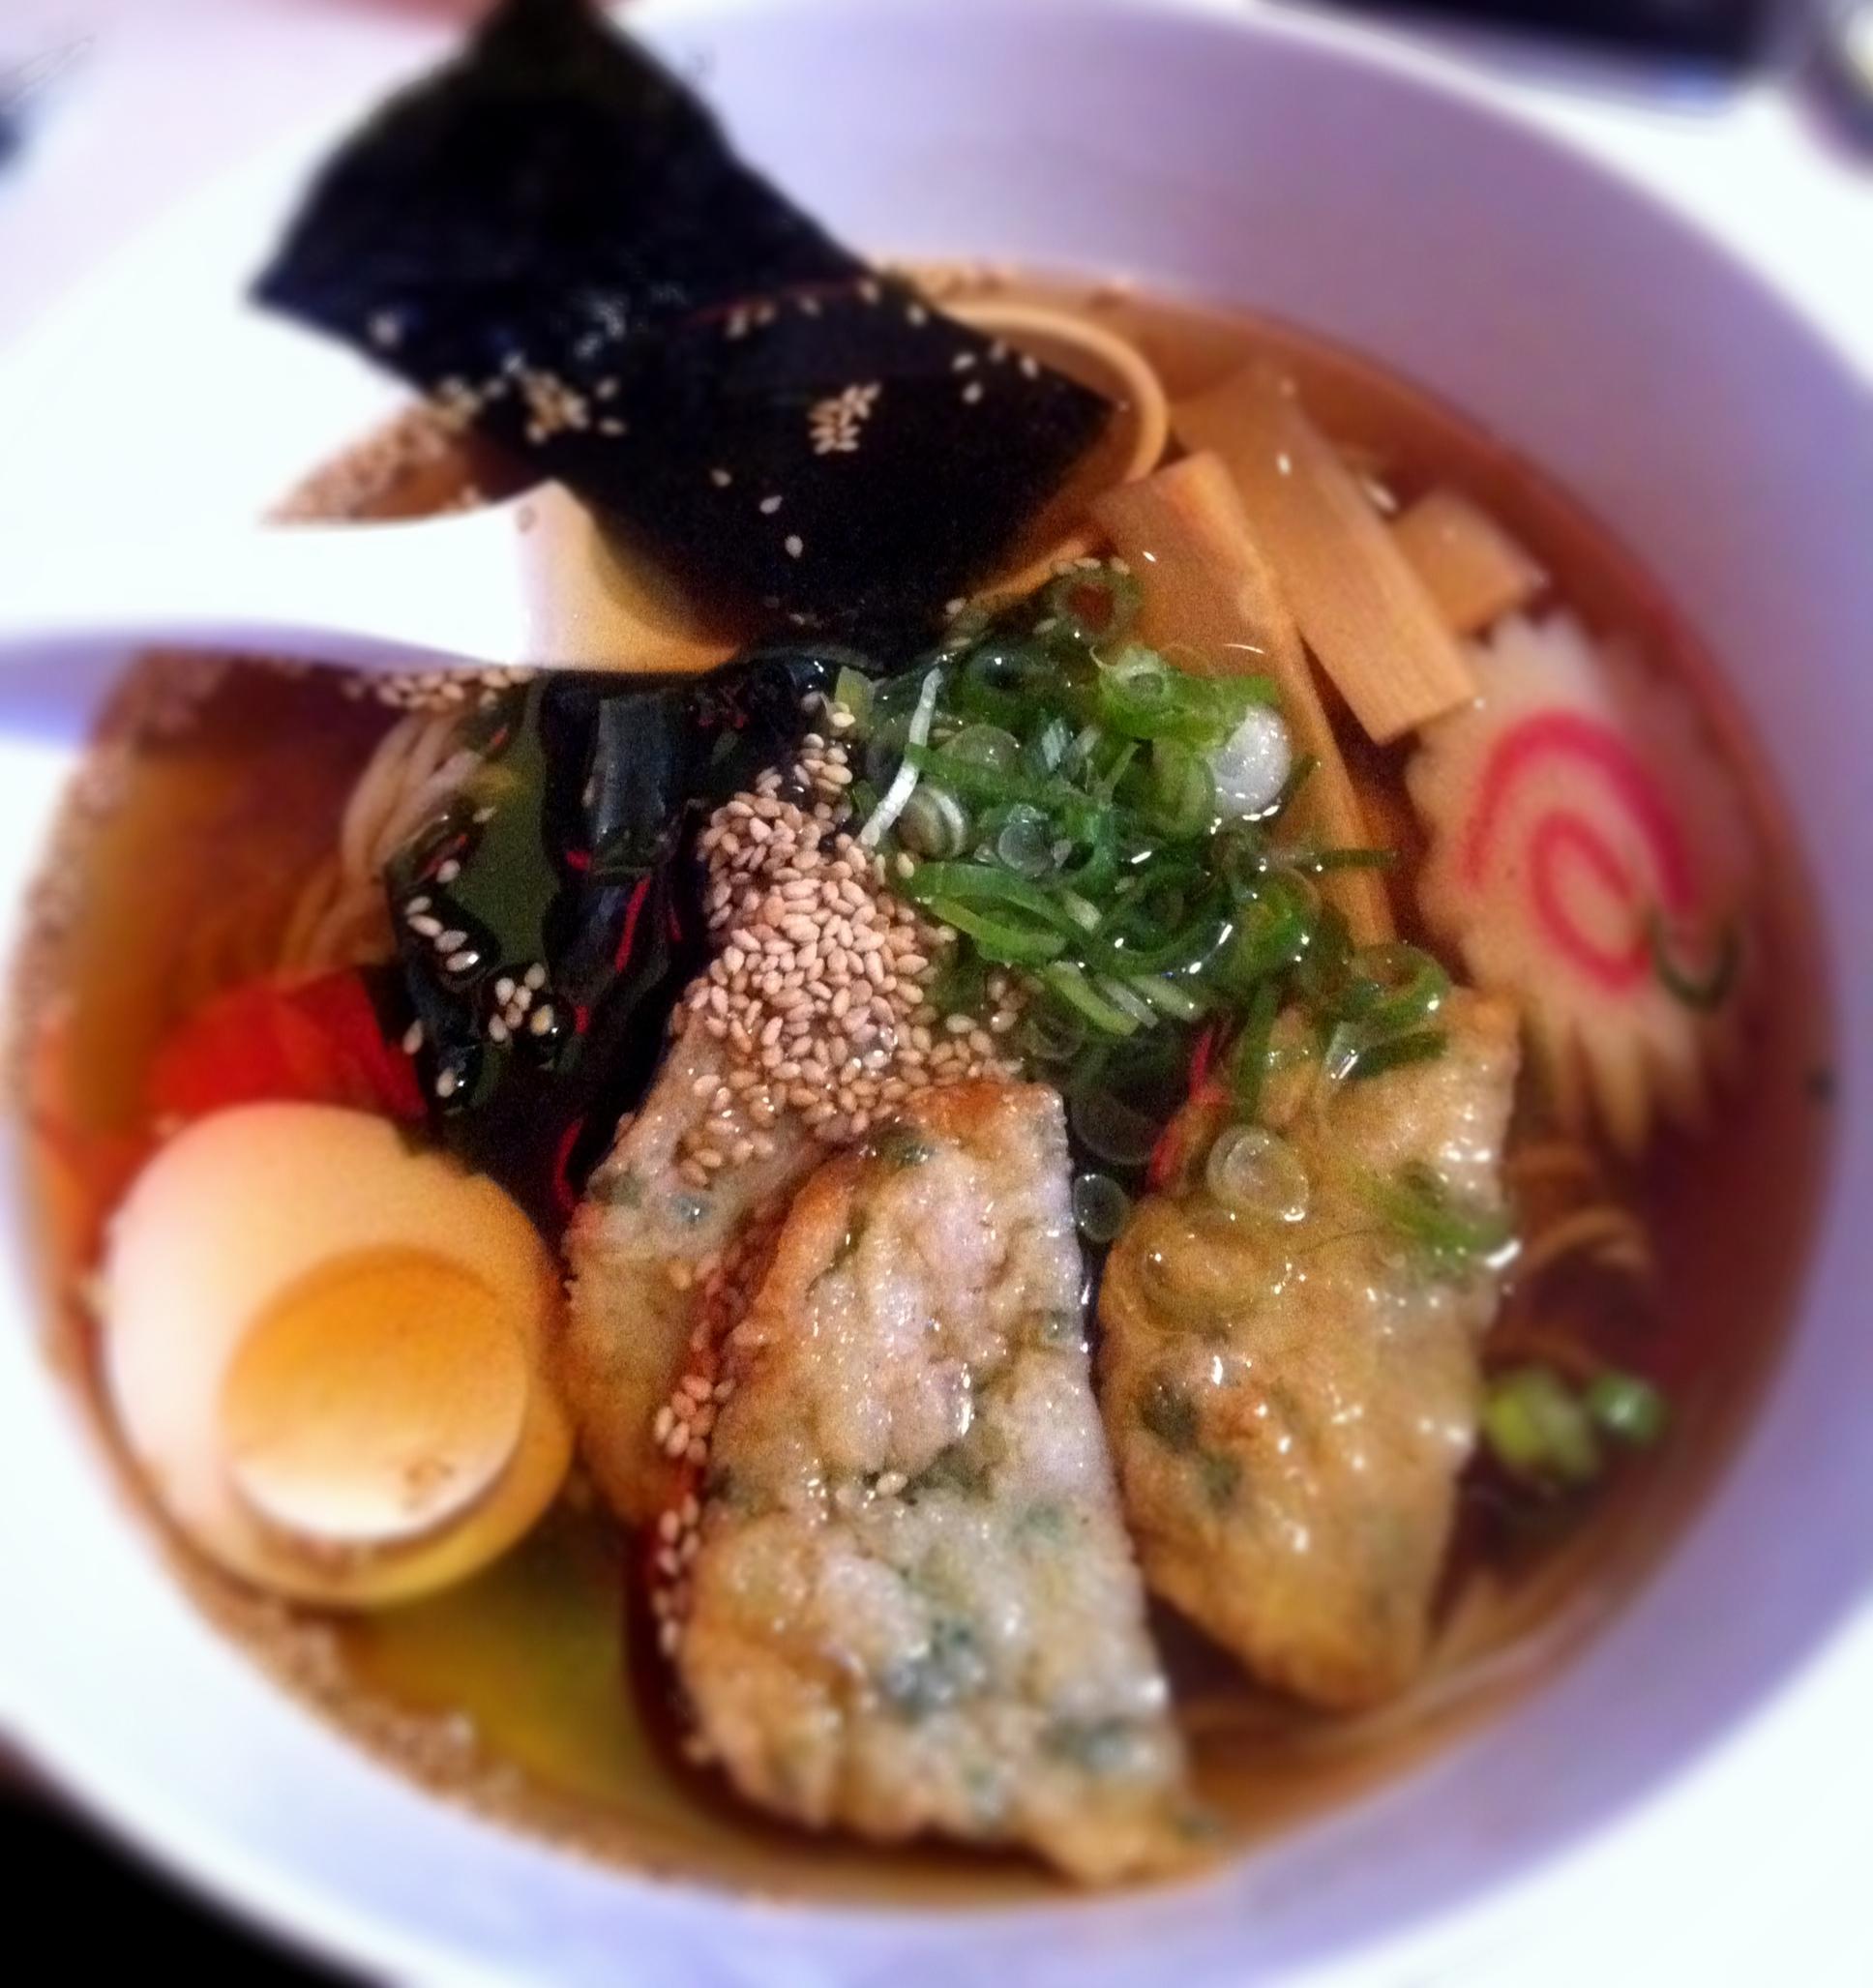 ramen fried recipes Ramen Food, at All It's YO! We Eat  We  Sushi Love